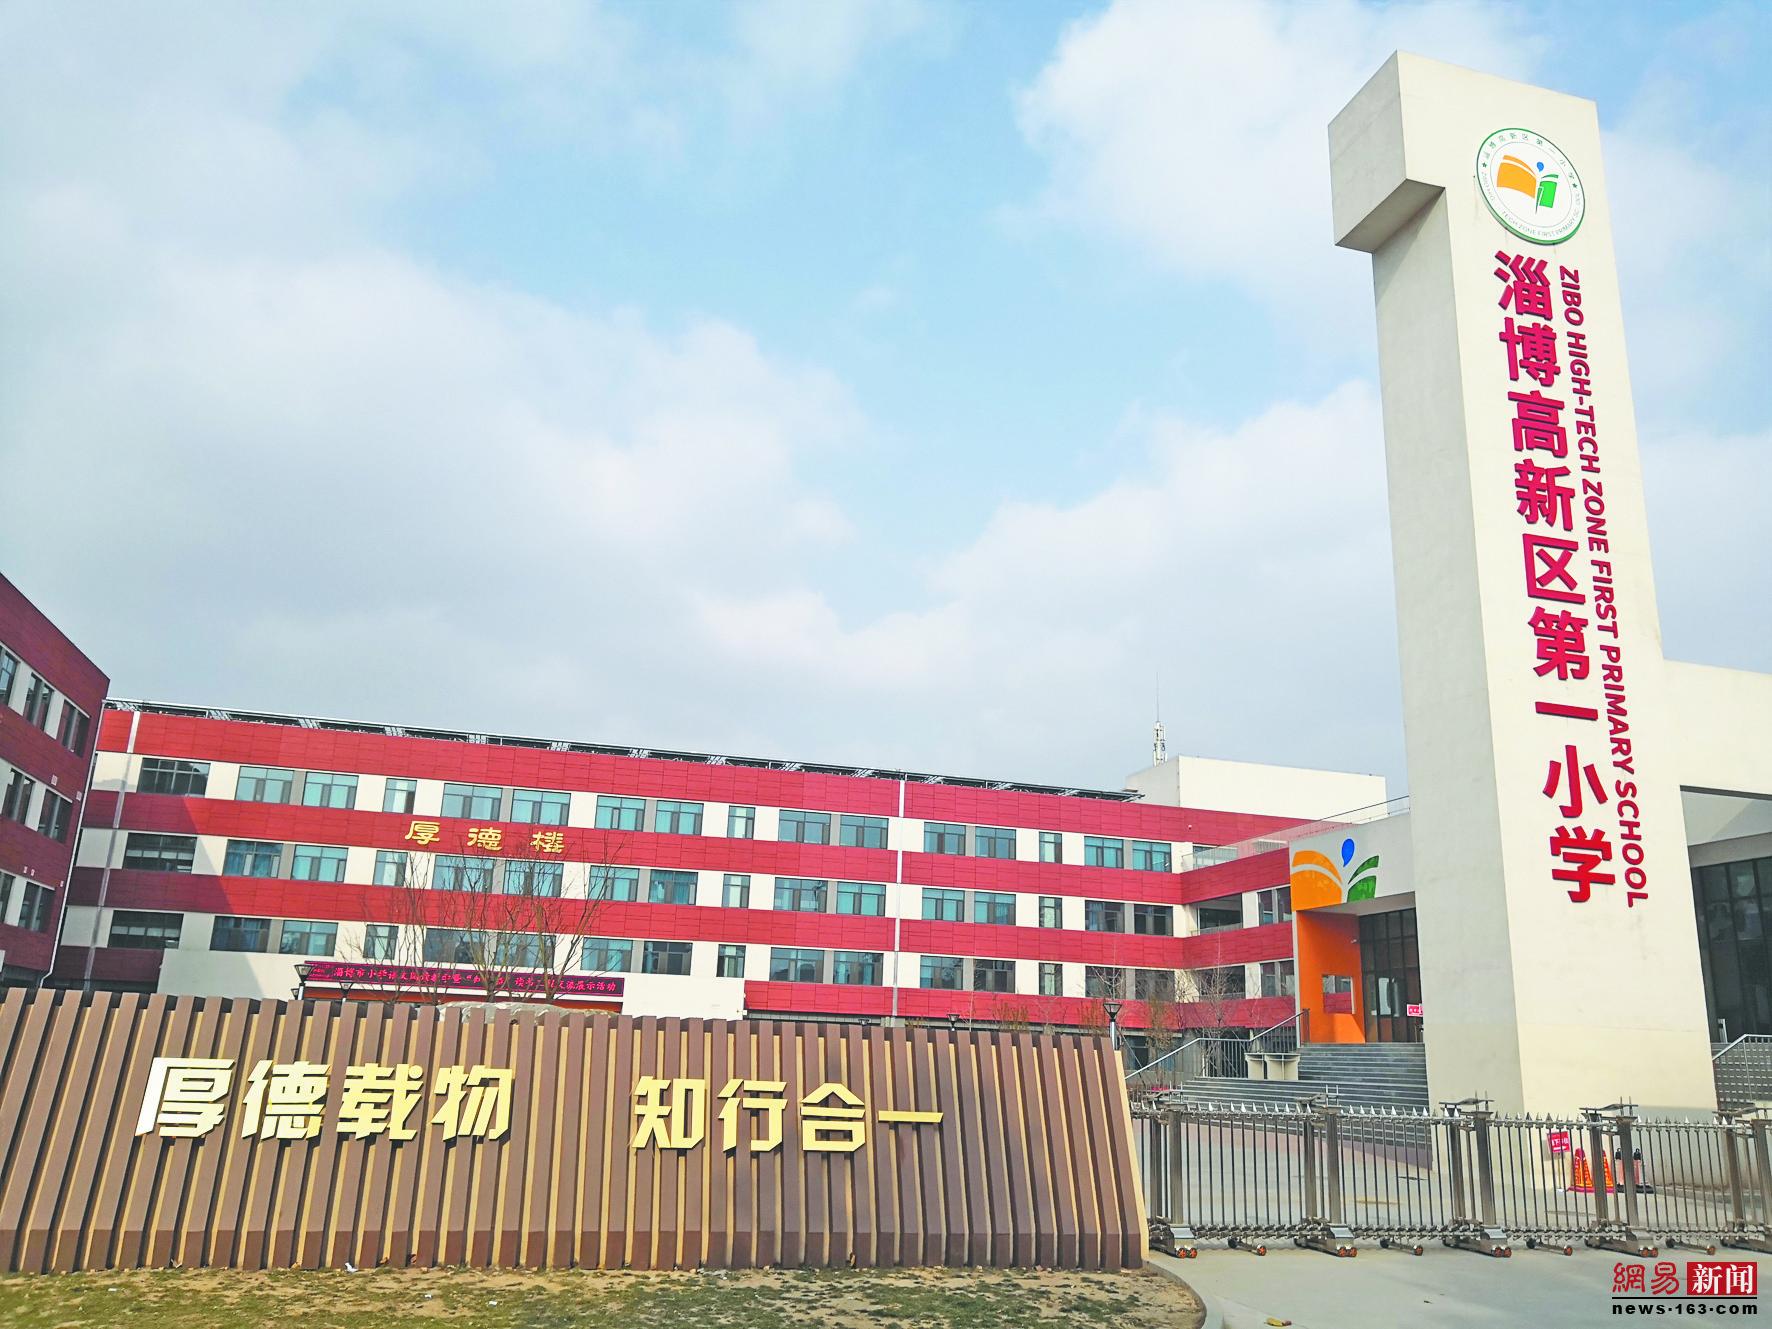 淄博高新区撸起袖子加油干 办好教育惠民生